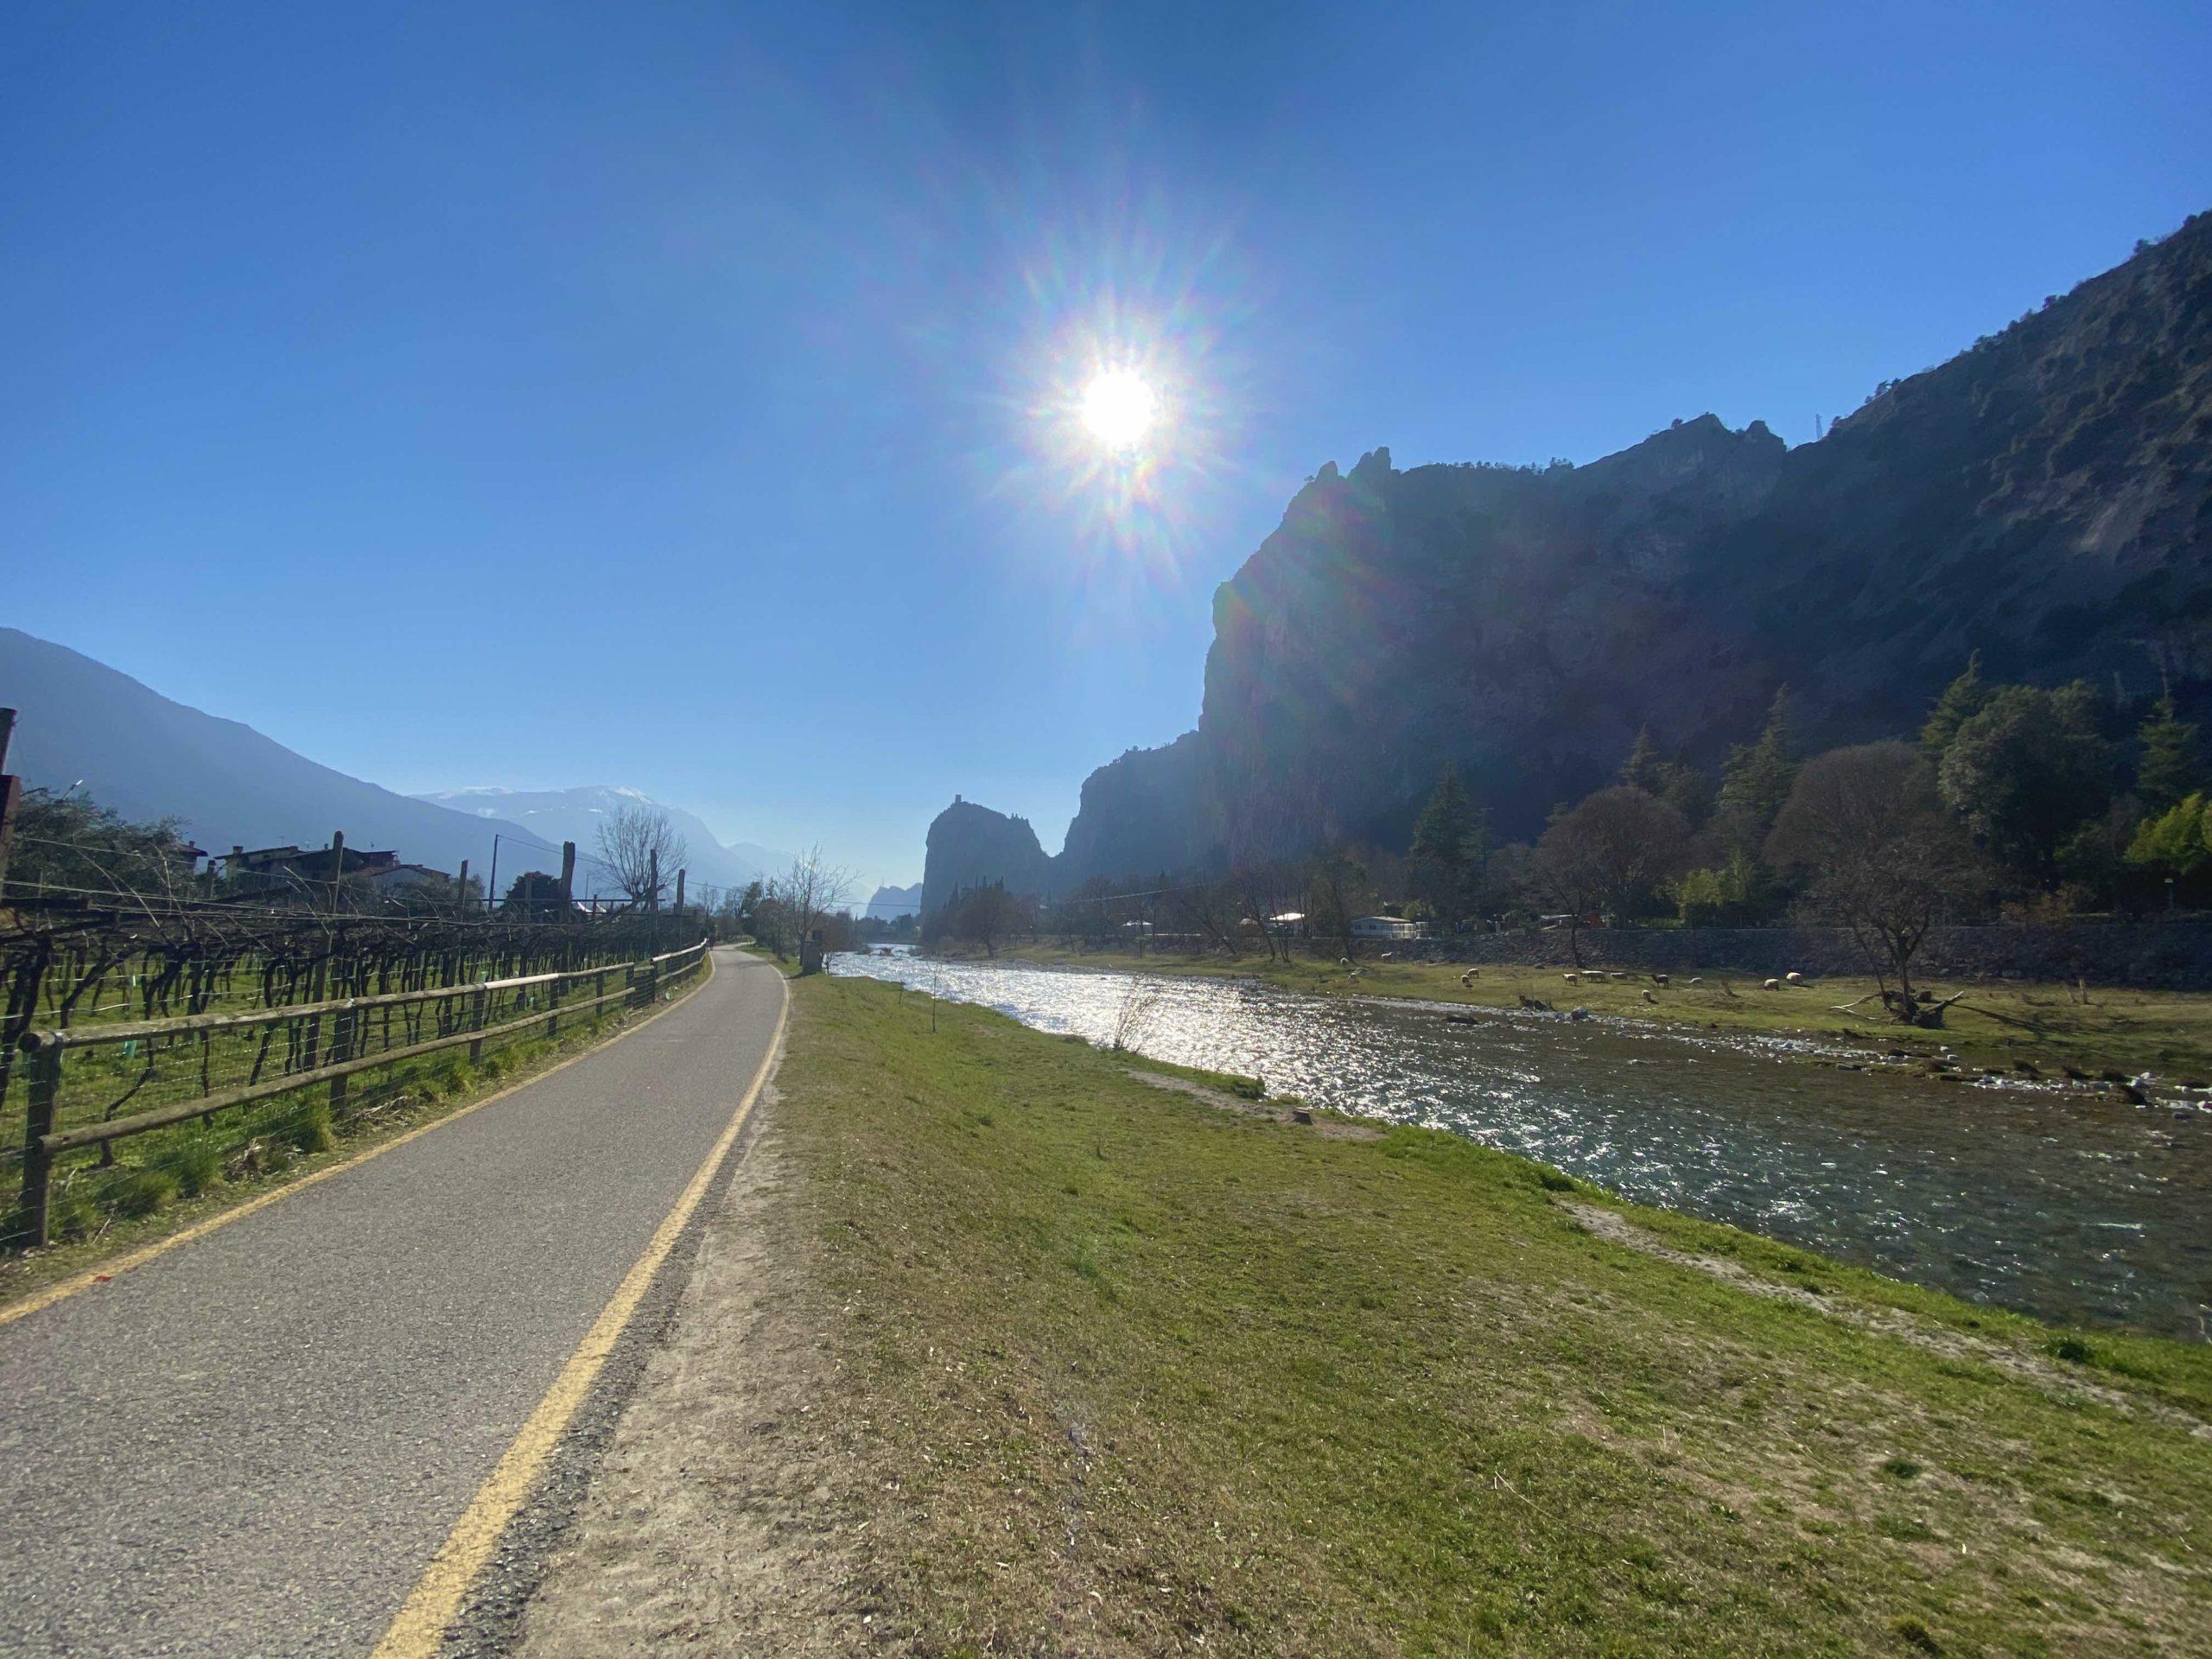 ciclabile del sarca, Trentino, Valle dei laghi, Lago di Garda, Garda Lake, Gradasse, vacanze in trentino. vacanze sul Garda, ciclabili trentine, vacanza in bici, vacanza in bici in trentino, in bici sul lago, viaggiatore lento, laghi, castelli, cultura, cicloturismo in trentino. outdoor